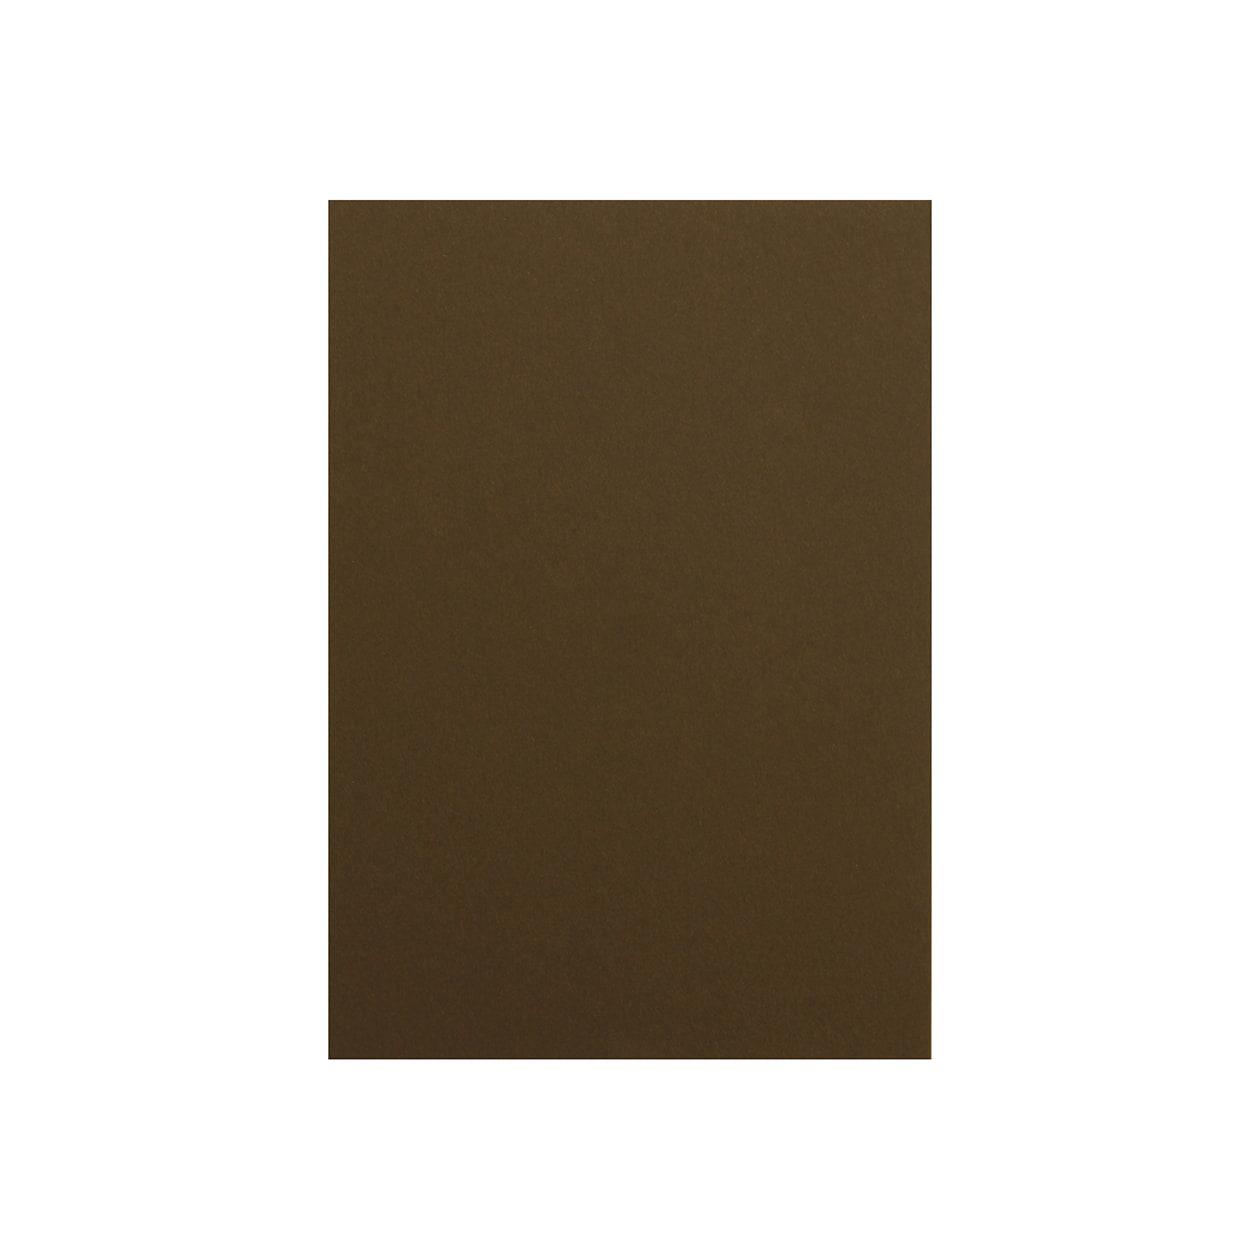 A5カード コットン チョコレート 291g